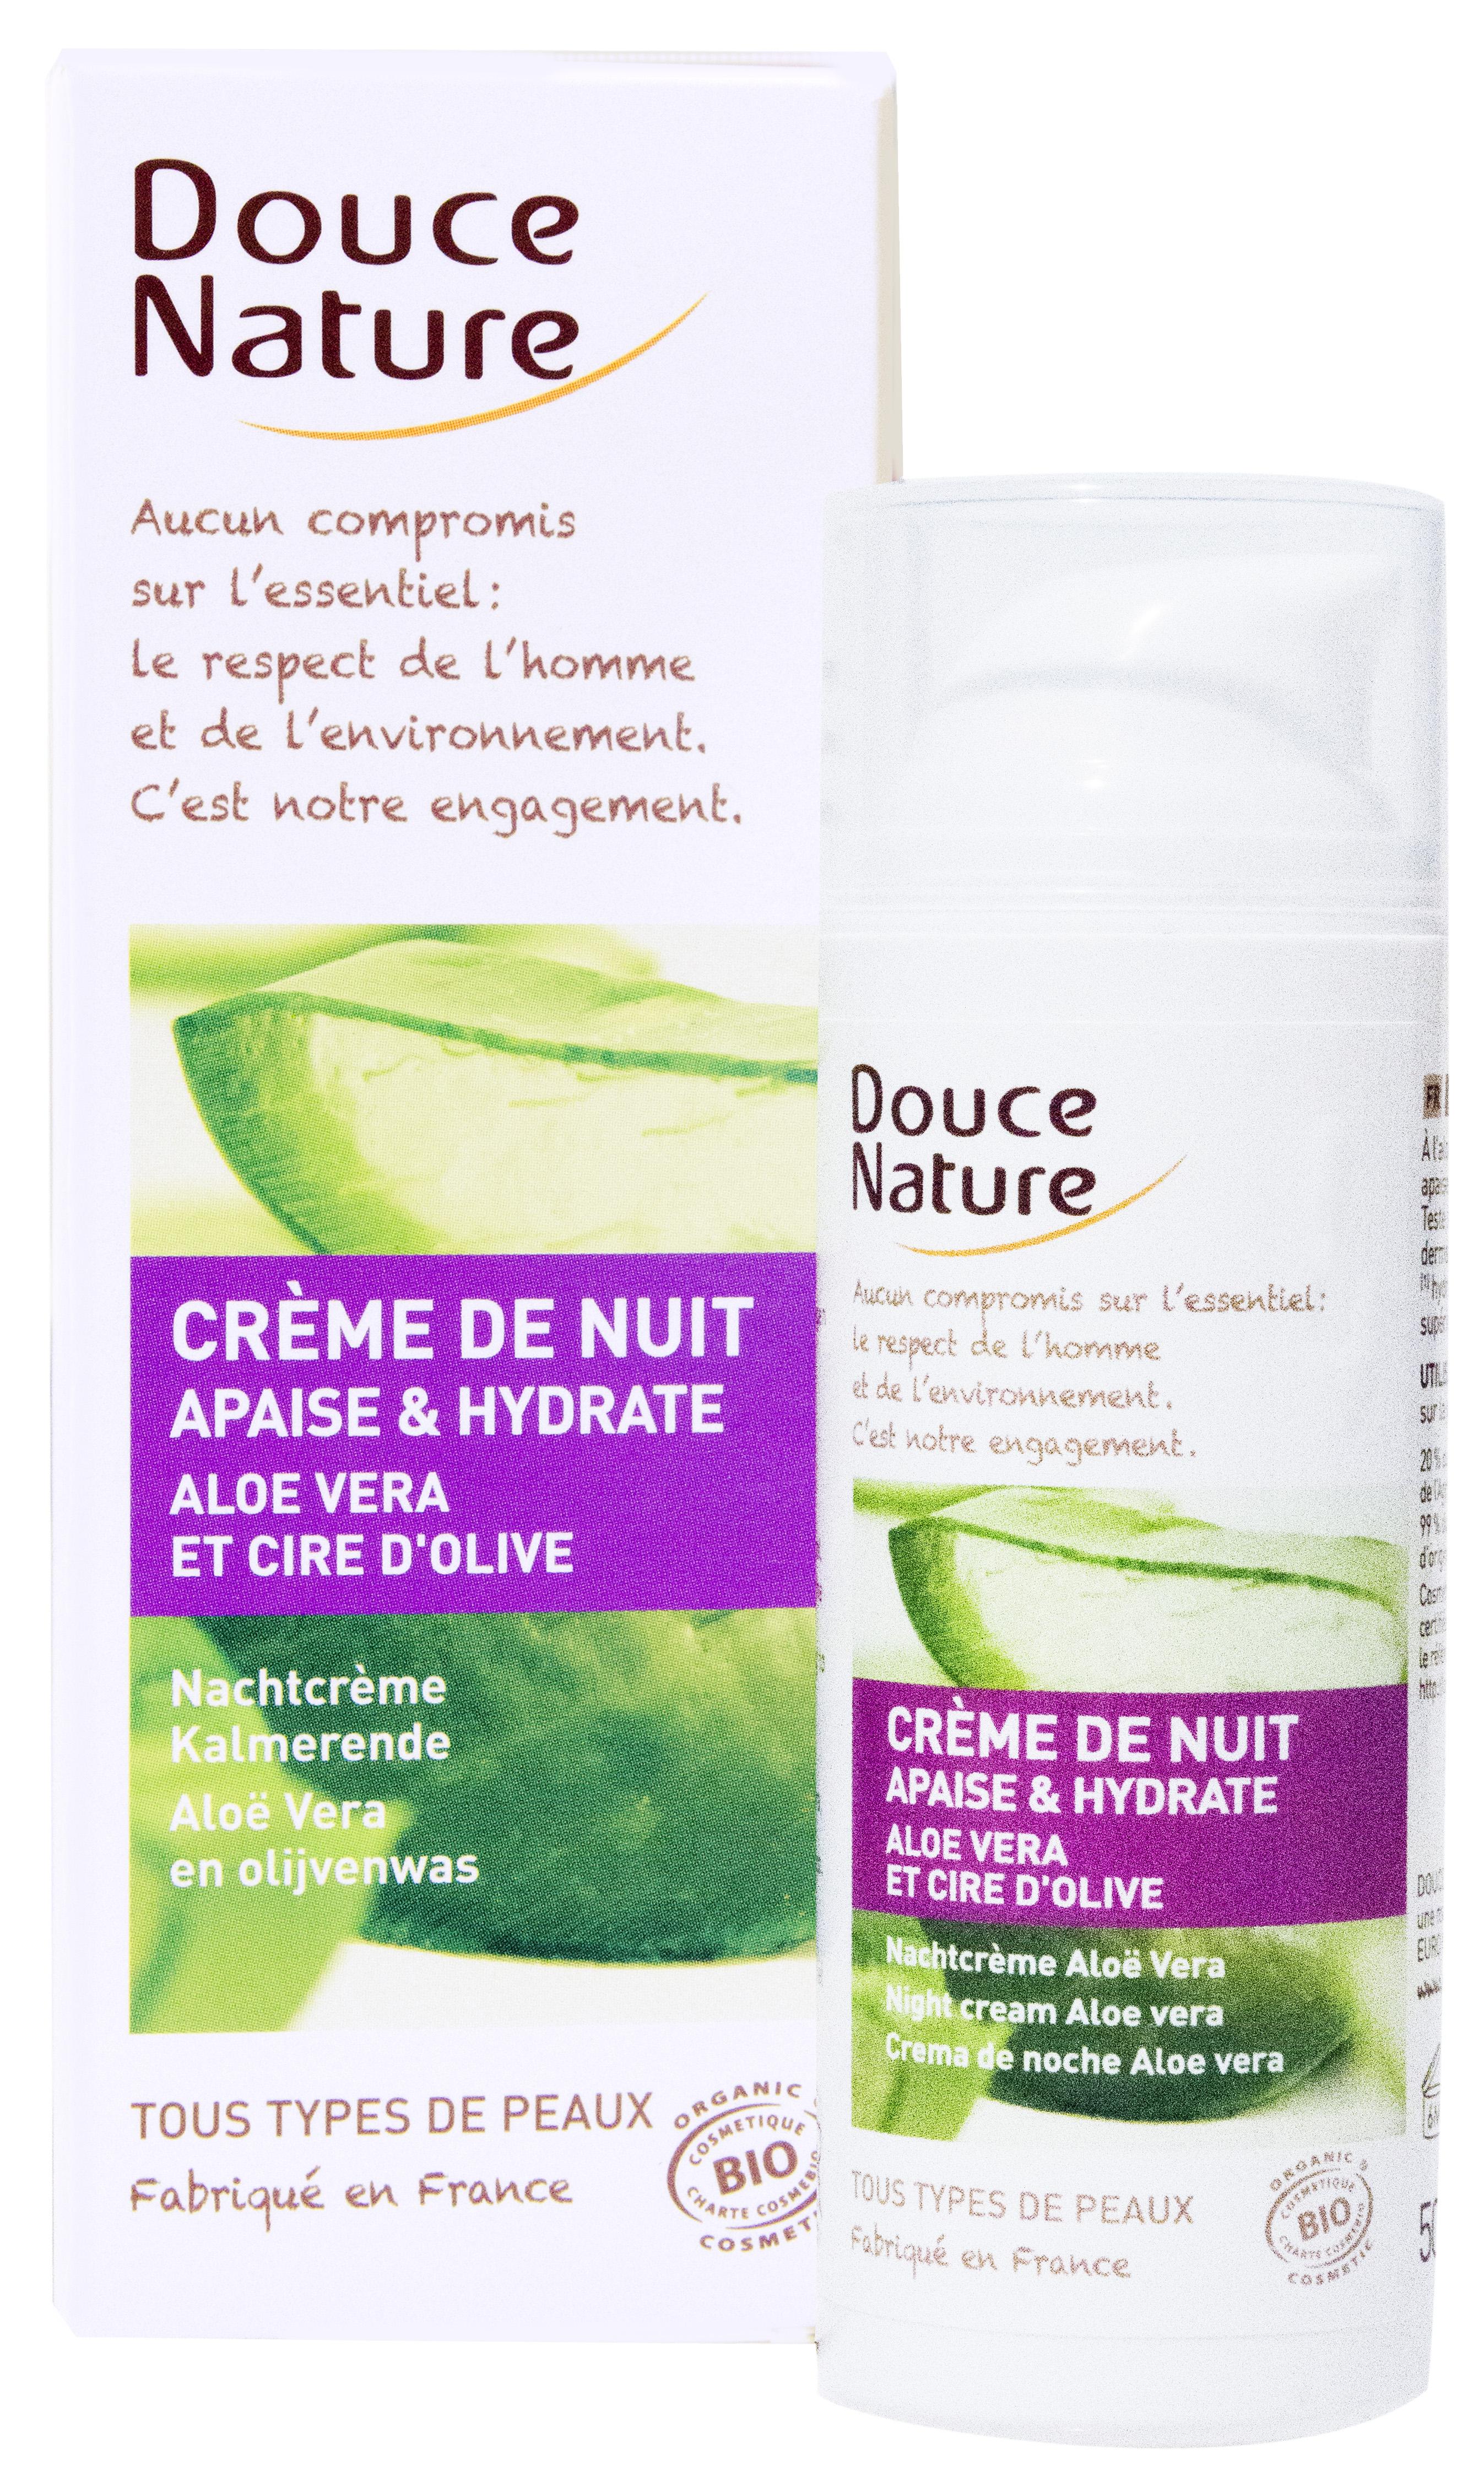 Crème de nuit Aloé Vera et cire d'olive, Douce Nature (50 ml)